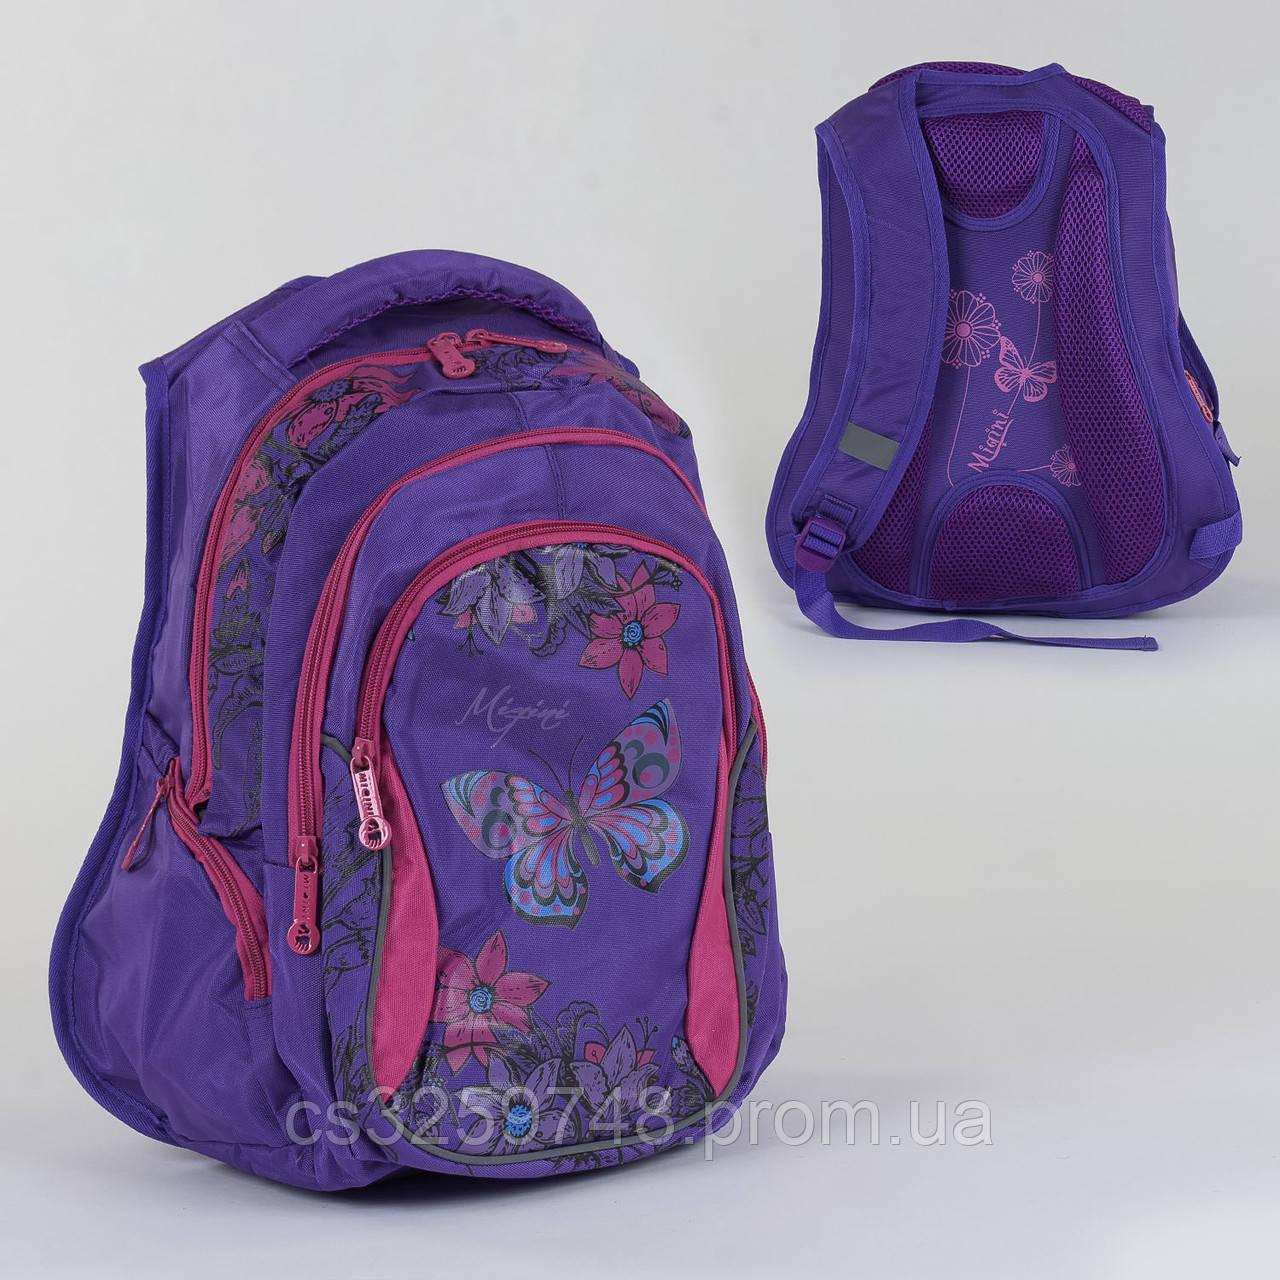 Рюкзак школьный в бабочках с ортопедической спинкой С 36286 с 2 отделениями и 3 карманами